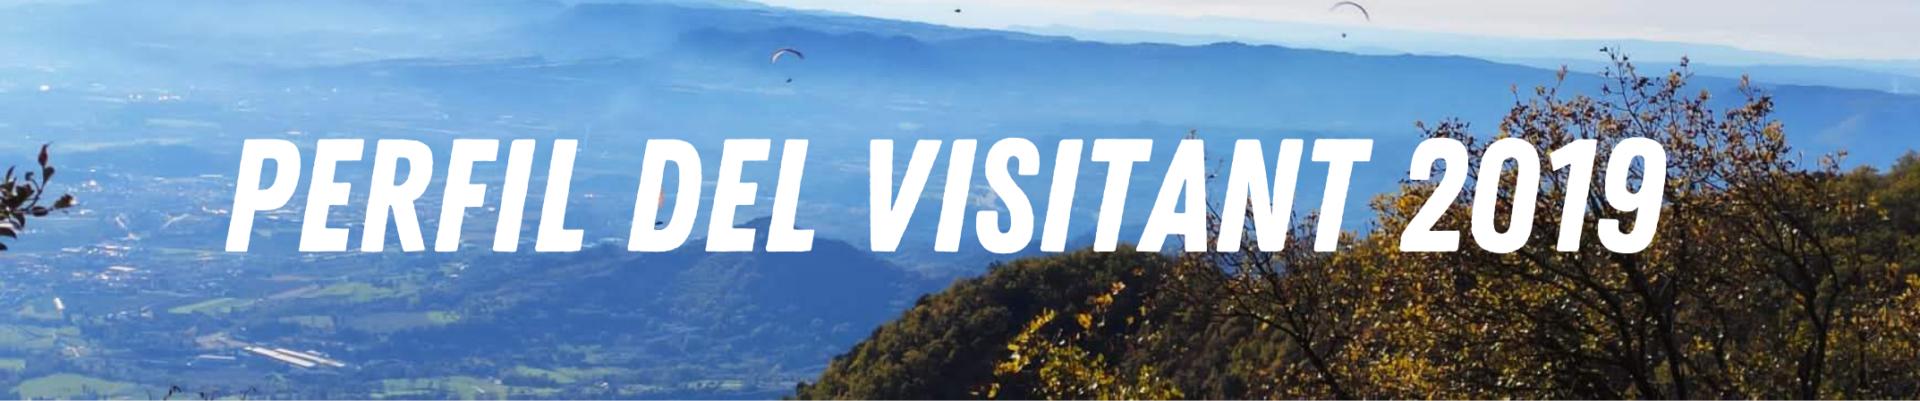 Banner notícia perfil del visitant